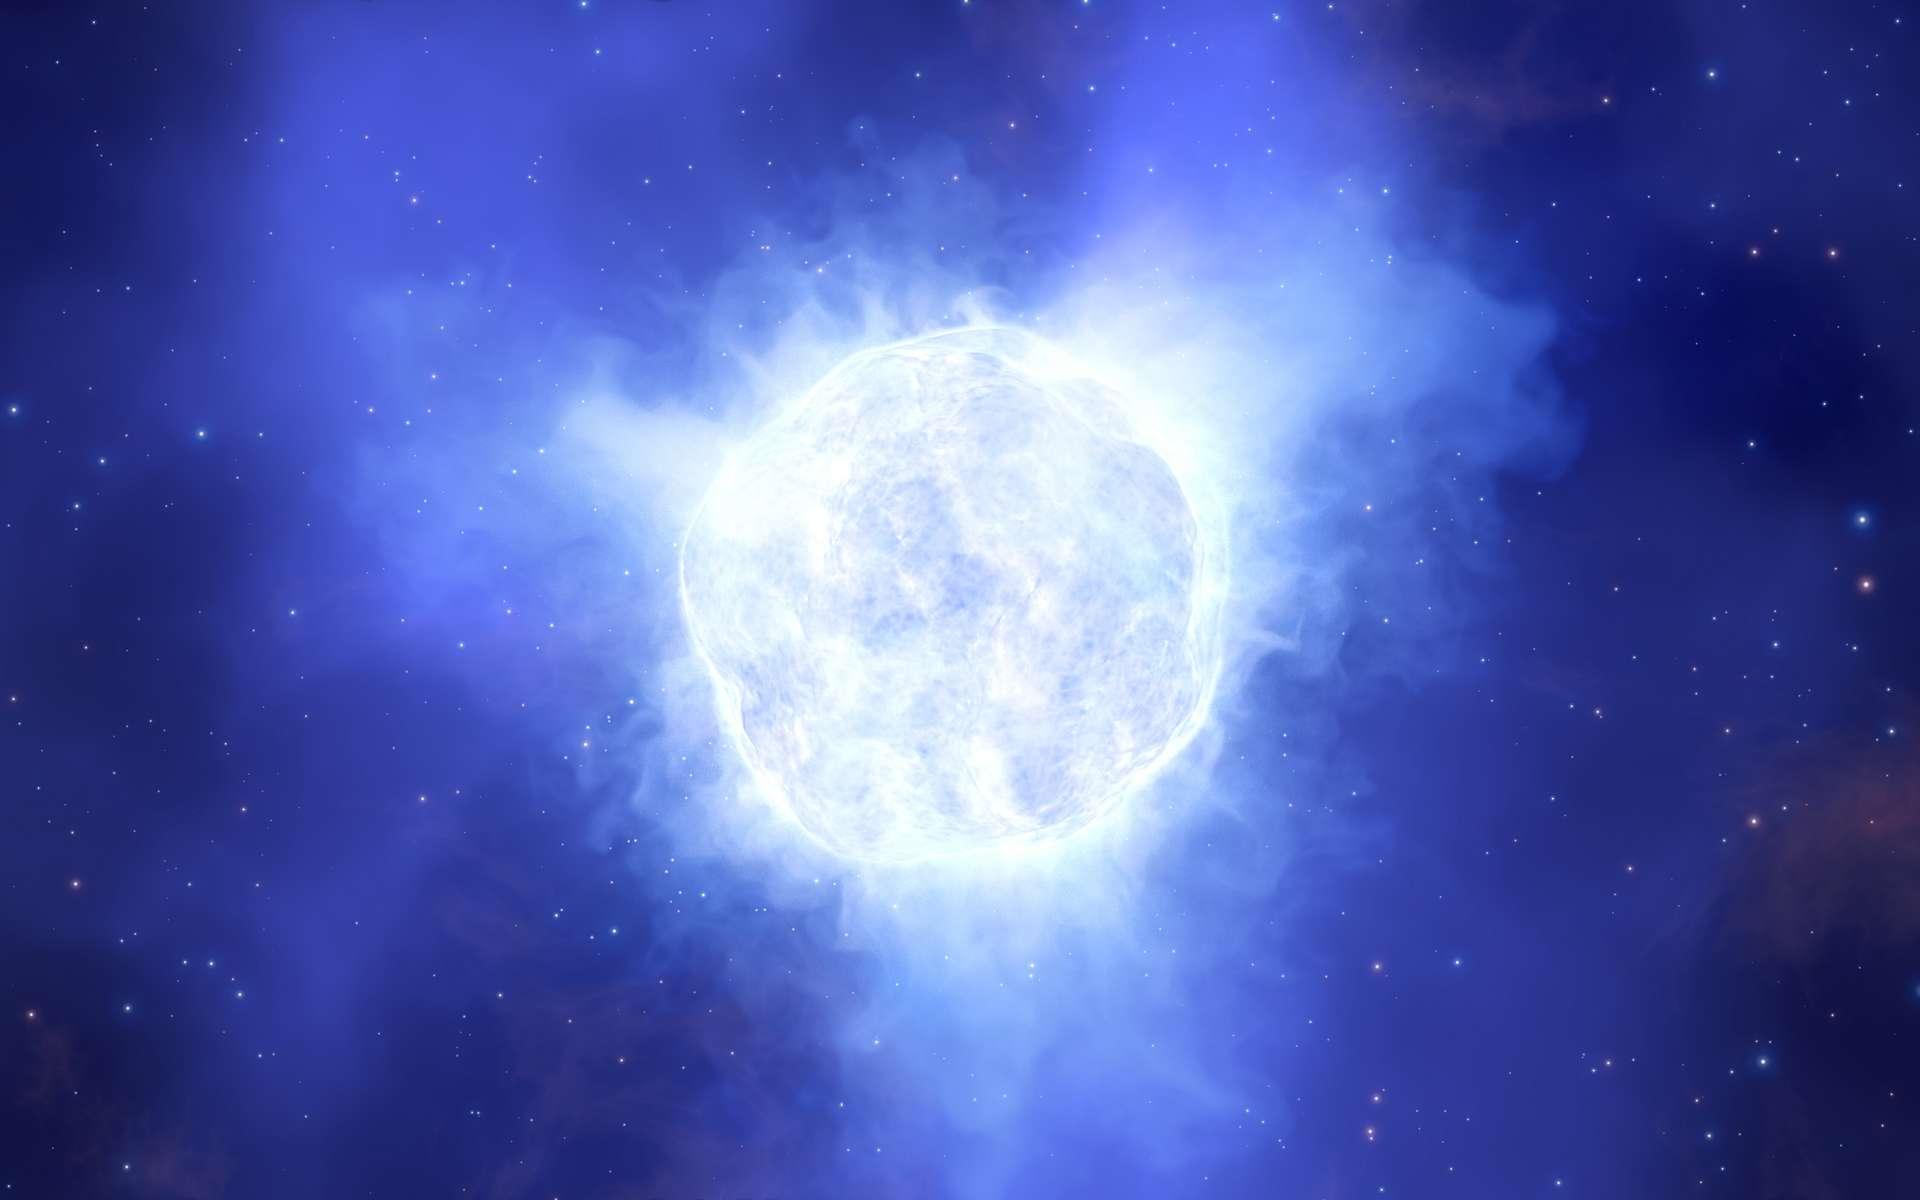 Sur cette illustration figure l'étoile variable bleue lumineuse de la galaxie naine de Kinman telle qu'elle pouvait être avant qu'elle ne disparaisse mystérieusement. © ESO, L. Calçada